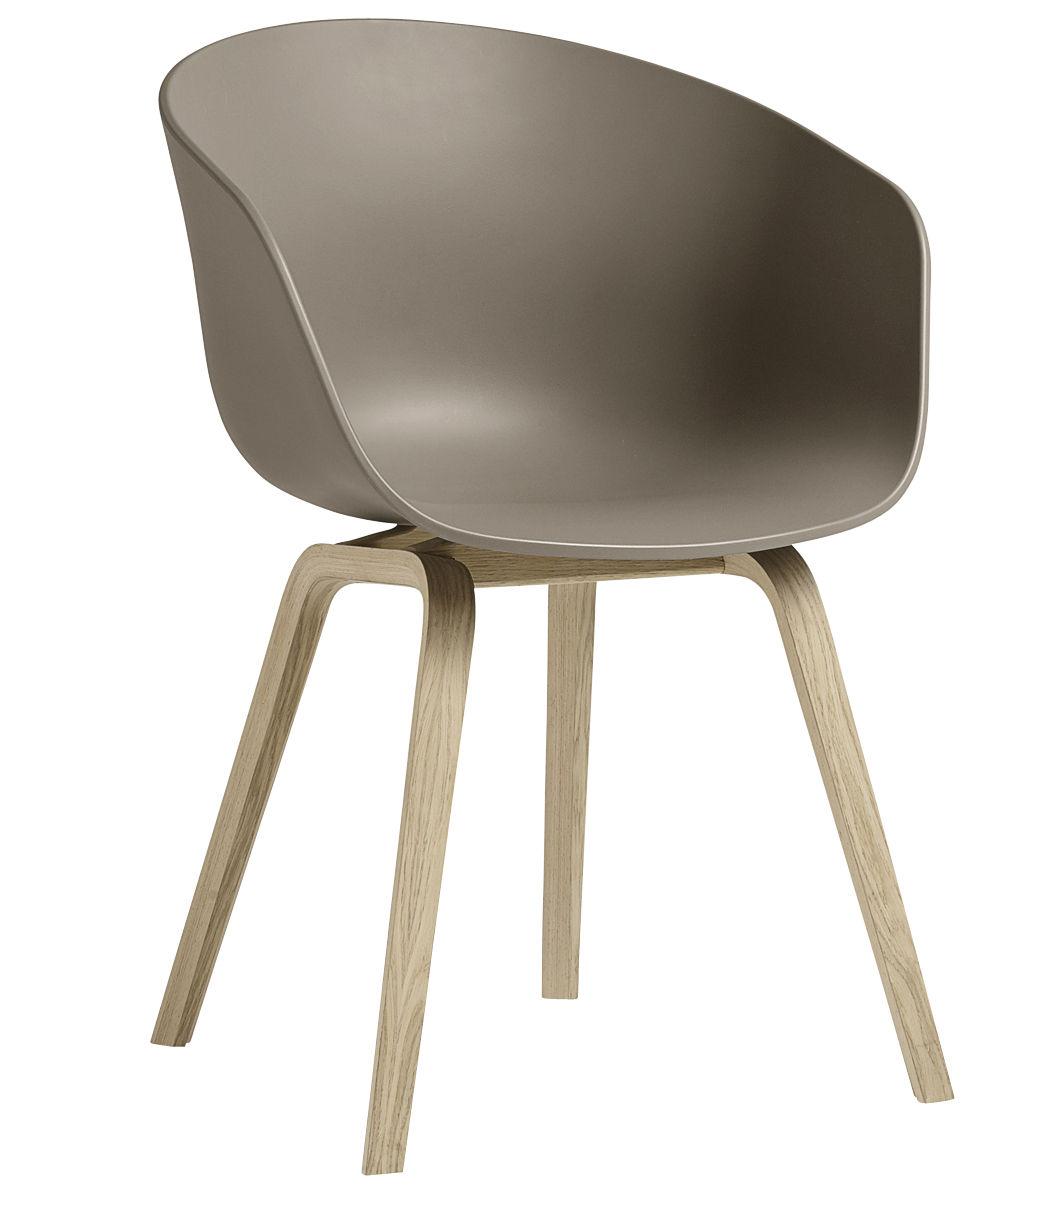 Möbel - Stühle  - About a chair AAC22 Sessel / Kunststoff & Stuhlbeine aus Holz - Hay - Taupe / Stuhlbeine holzfarben - Eiche, mattlackiert, Polypropylen